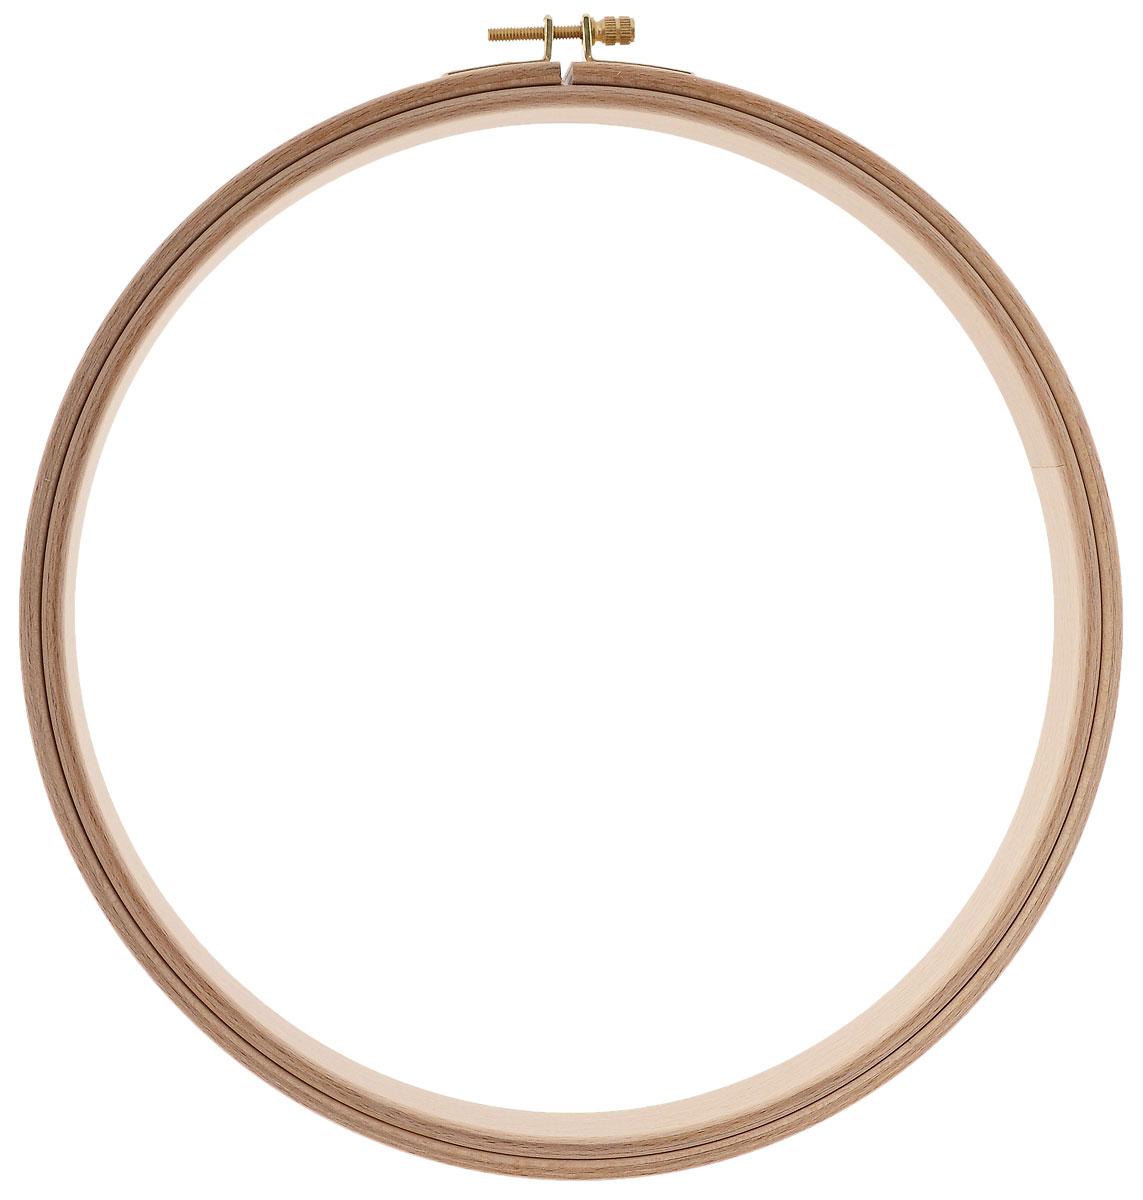 Пяльцы Klass & Gessmann, круглые, диаметр 25 см211-8Пяльцы Klass & Gessmann изготовлены из трехслойного клееного полированного бруса (бука) и оснащены латунным винтом для надежного закрепления ткани. Пяльцы просто незаменимы для вышивки. Их основное назначение - держать материал в натянутом состоянии. Работа, сделанная своими руками, создаст особый уют и атмосферу в доме и долгие годы будет радовать вас и ваших близких. А подарок, выполненный собственноручно, станет самым ценным для друзей и знакомых. Диаметр: 25 см. Высота обода: 25 мм.